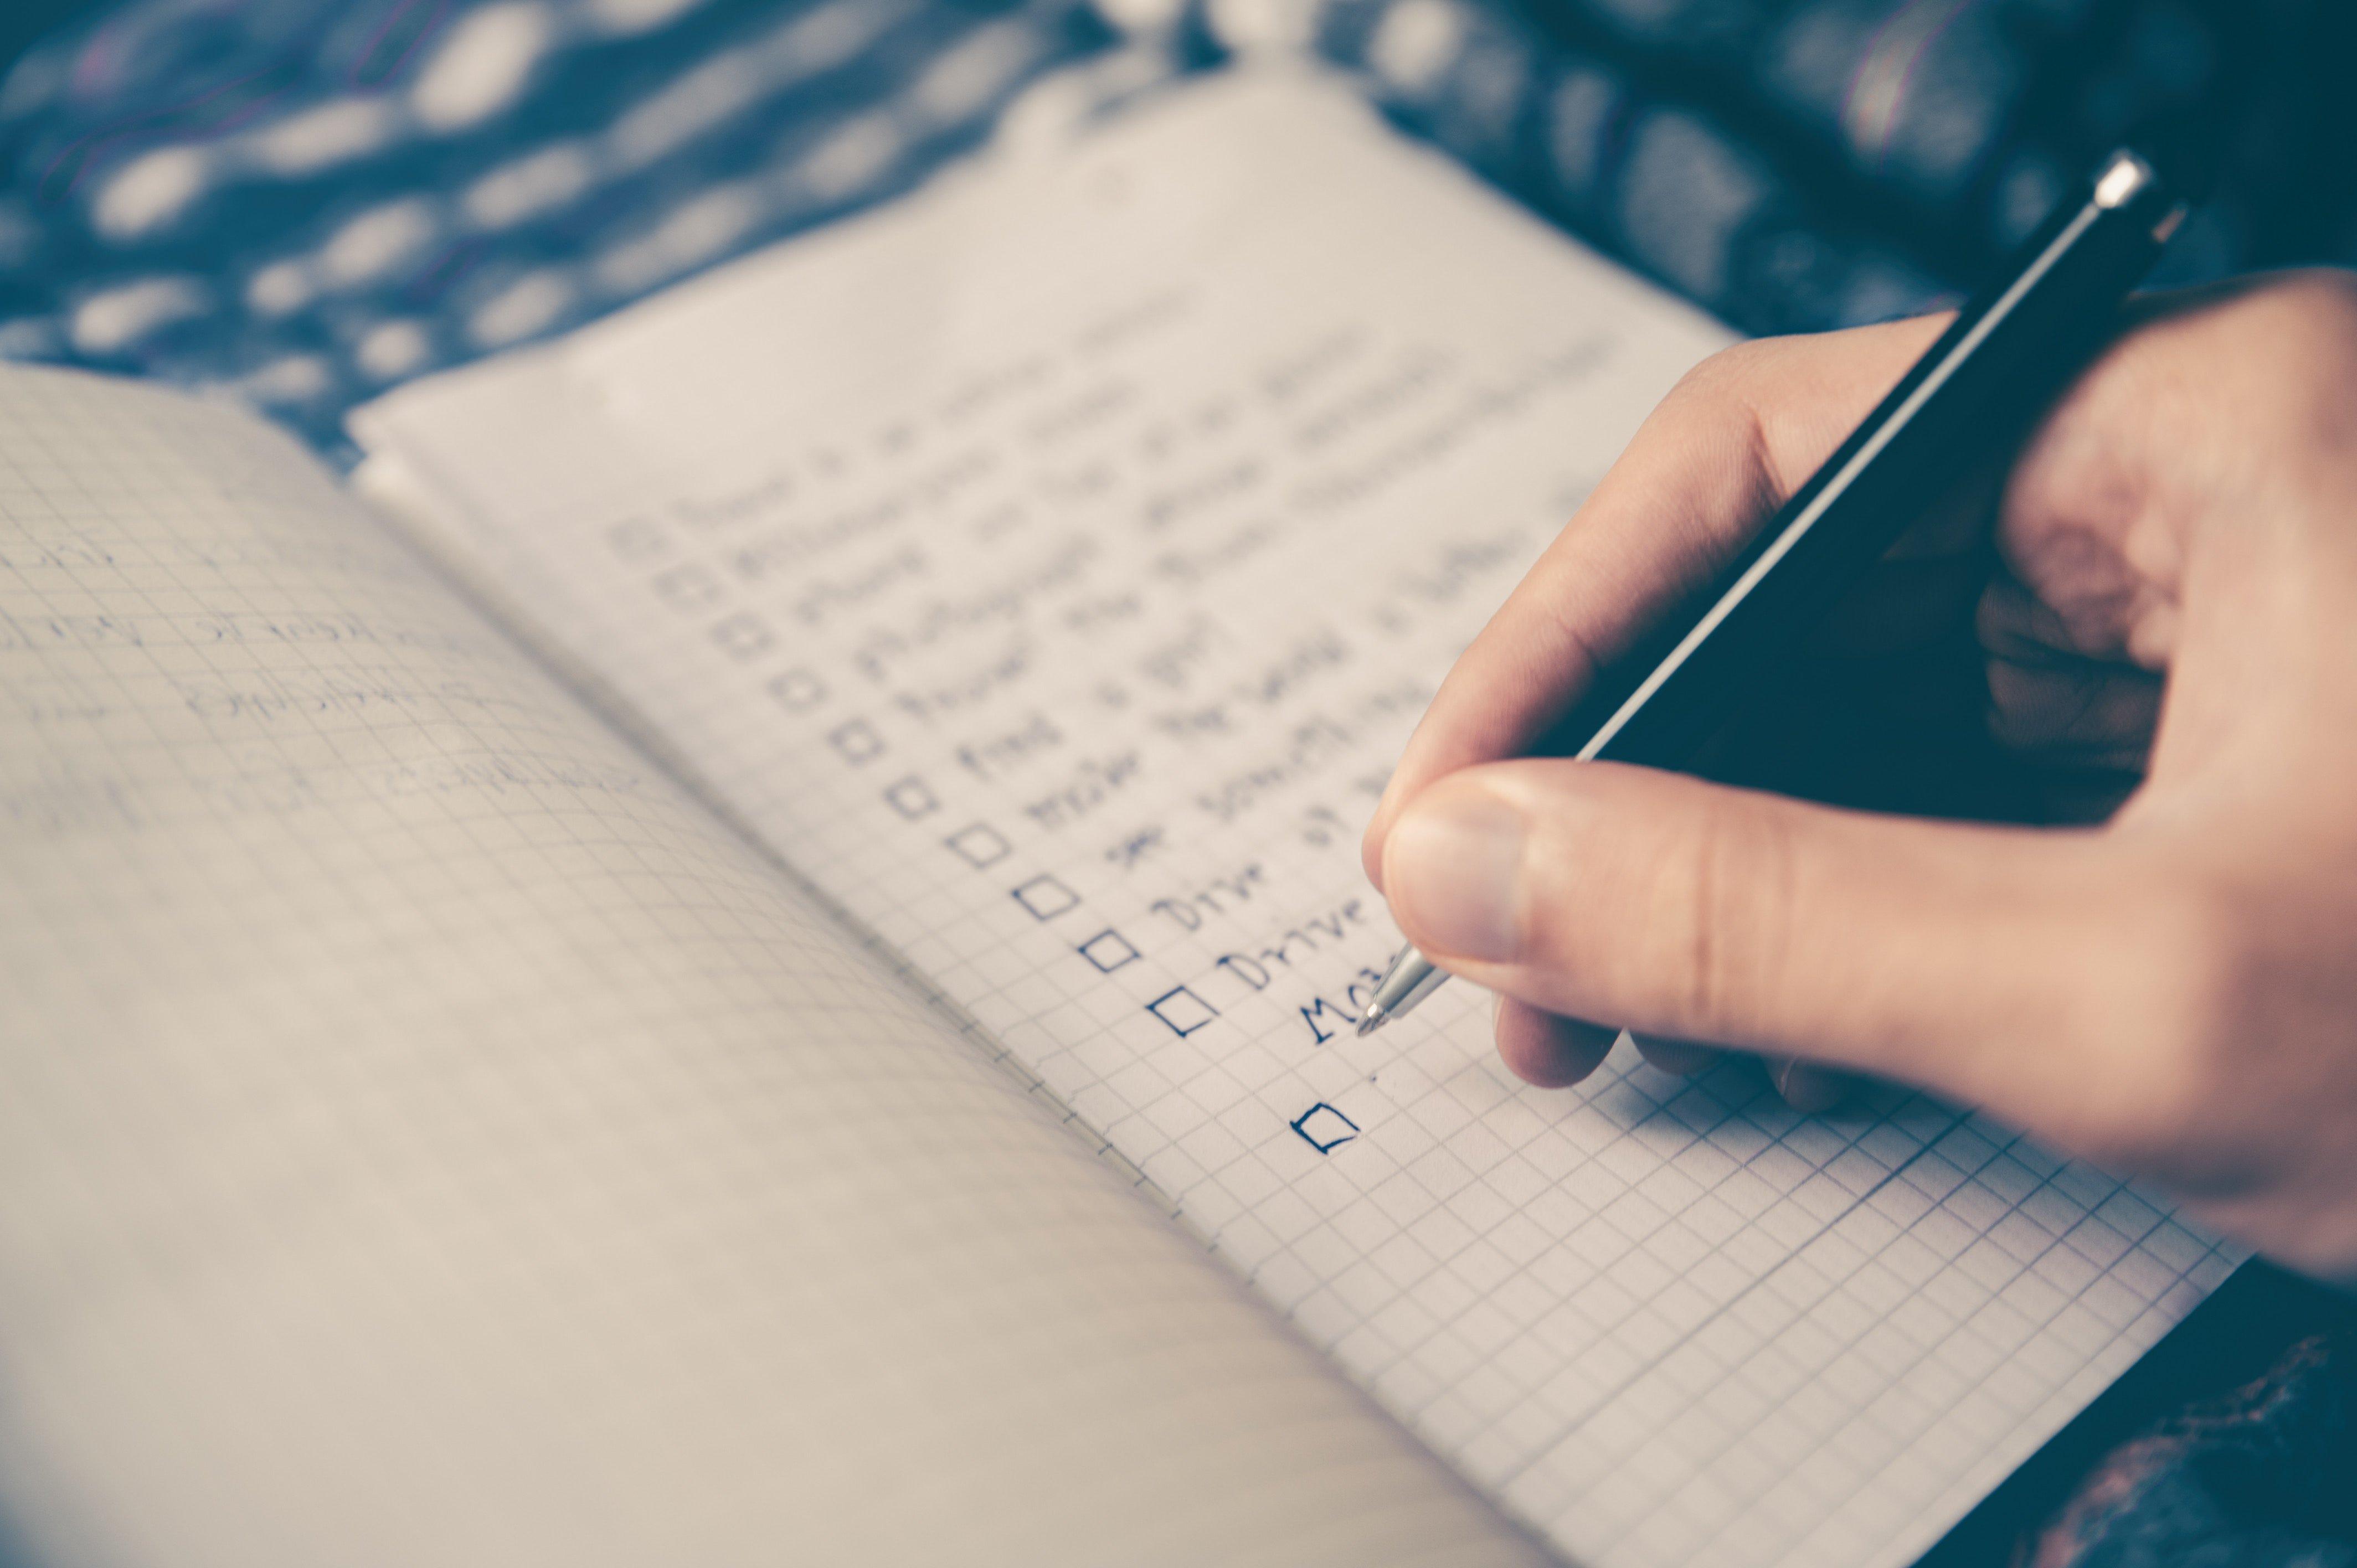 Primero la escaleta : cómo comenzar una novela